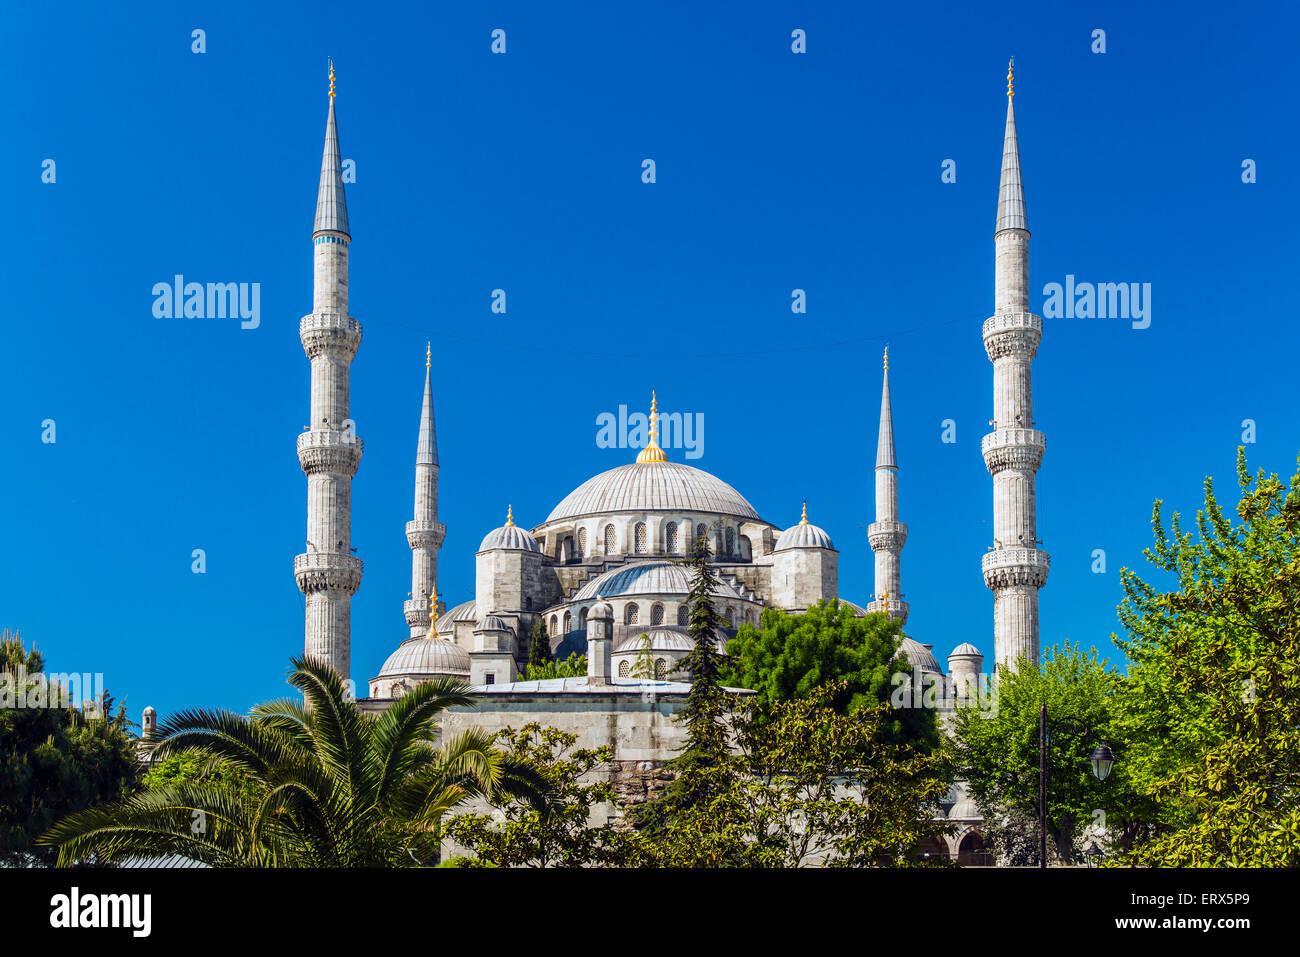 Sultan-Ahmed-Moschee oder blaue Moschee, Sultanahmet, Istanbul, Türkei Stockbild